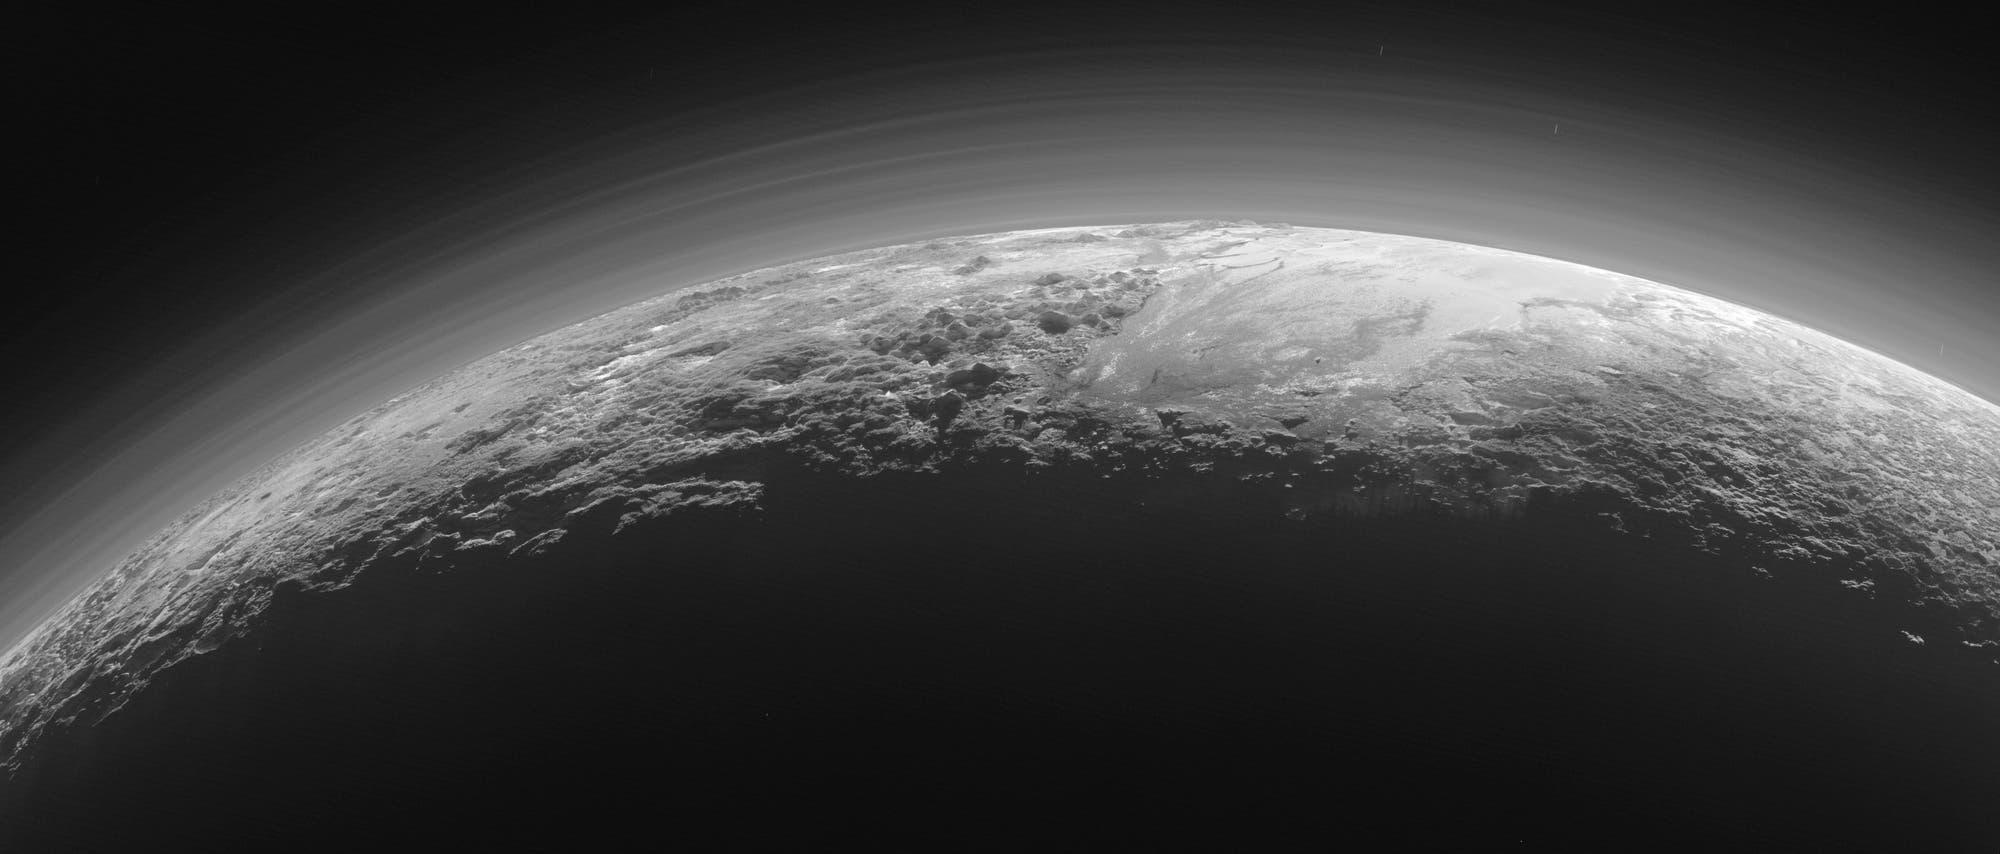 Ein atemberaubendes Bild der Pluto-Sichel